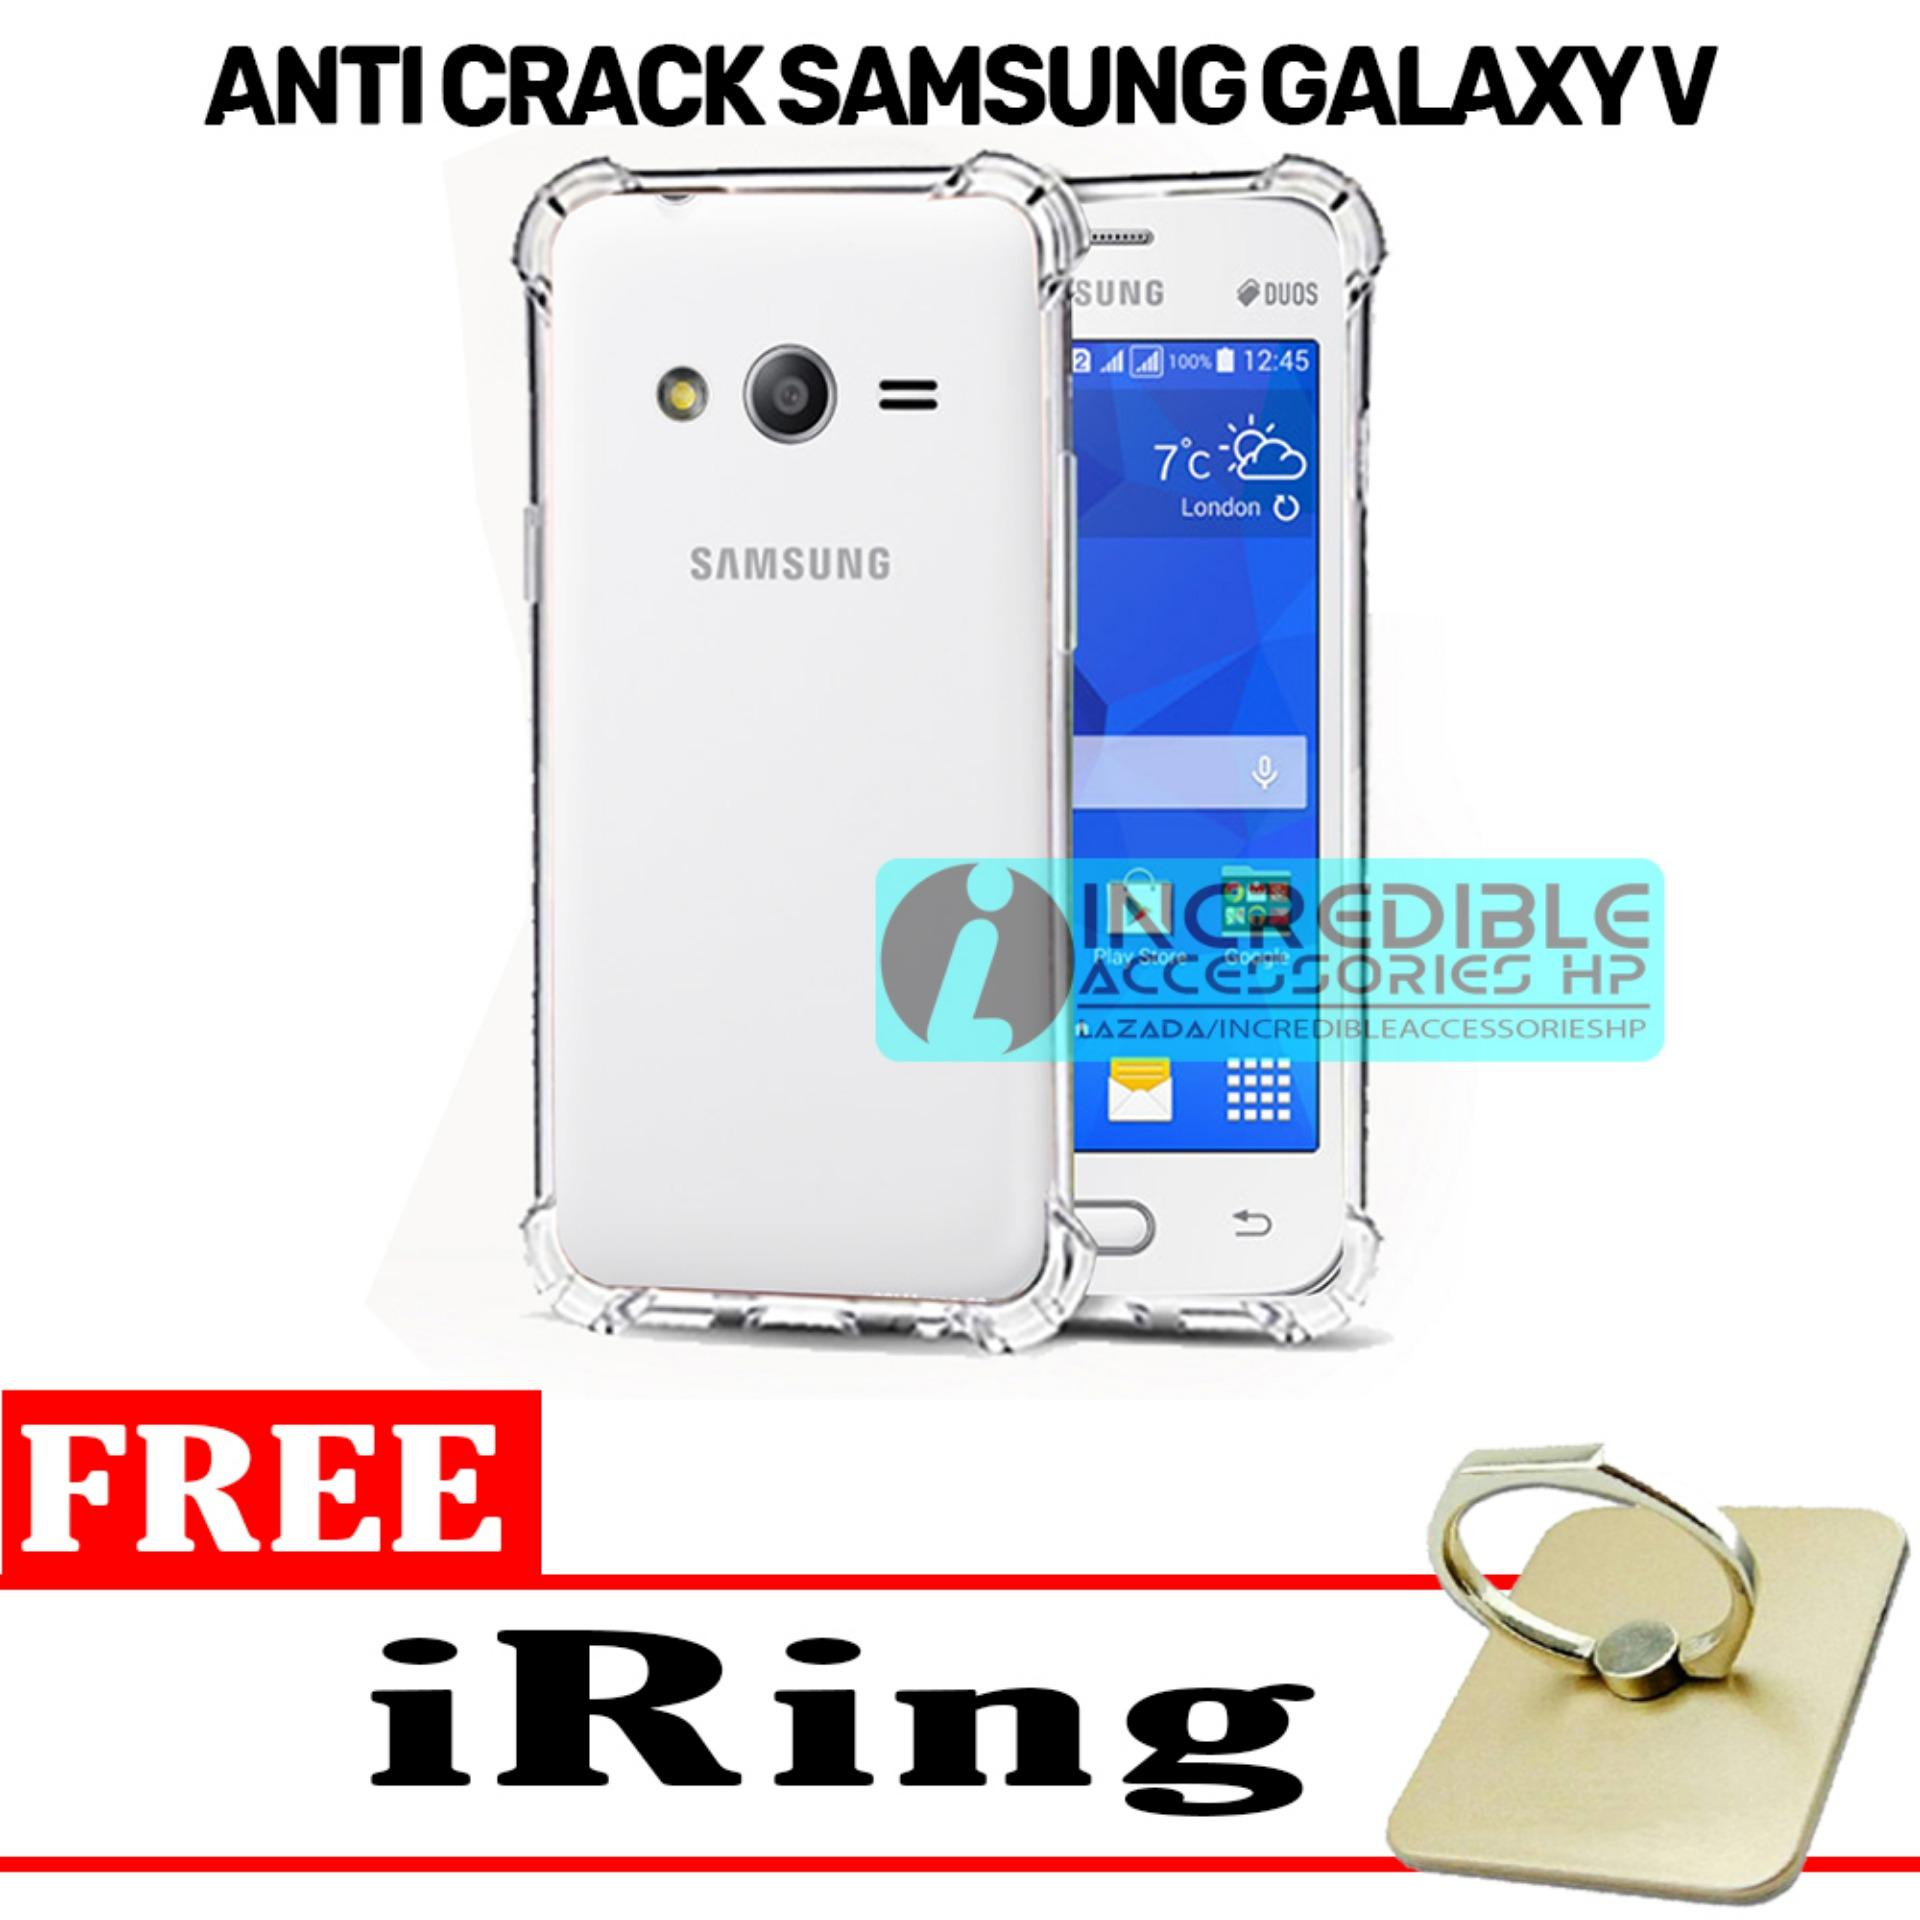 Harga Samsung Galaxy V White Lengkap Dan Spesifikasi Terbaru Cassing Casing Housing G313 G313h Fullset Softcase Silicon Anti Shock Crack Elegant For